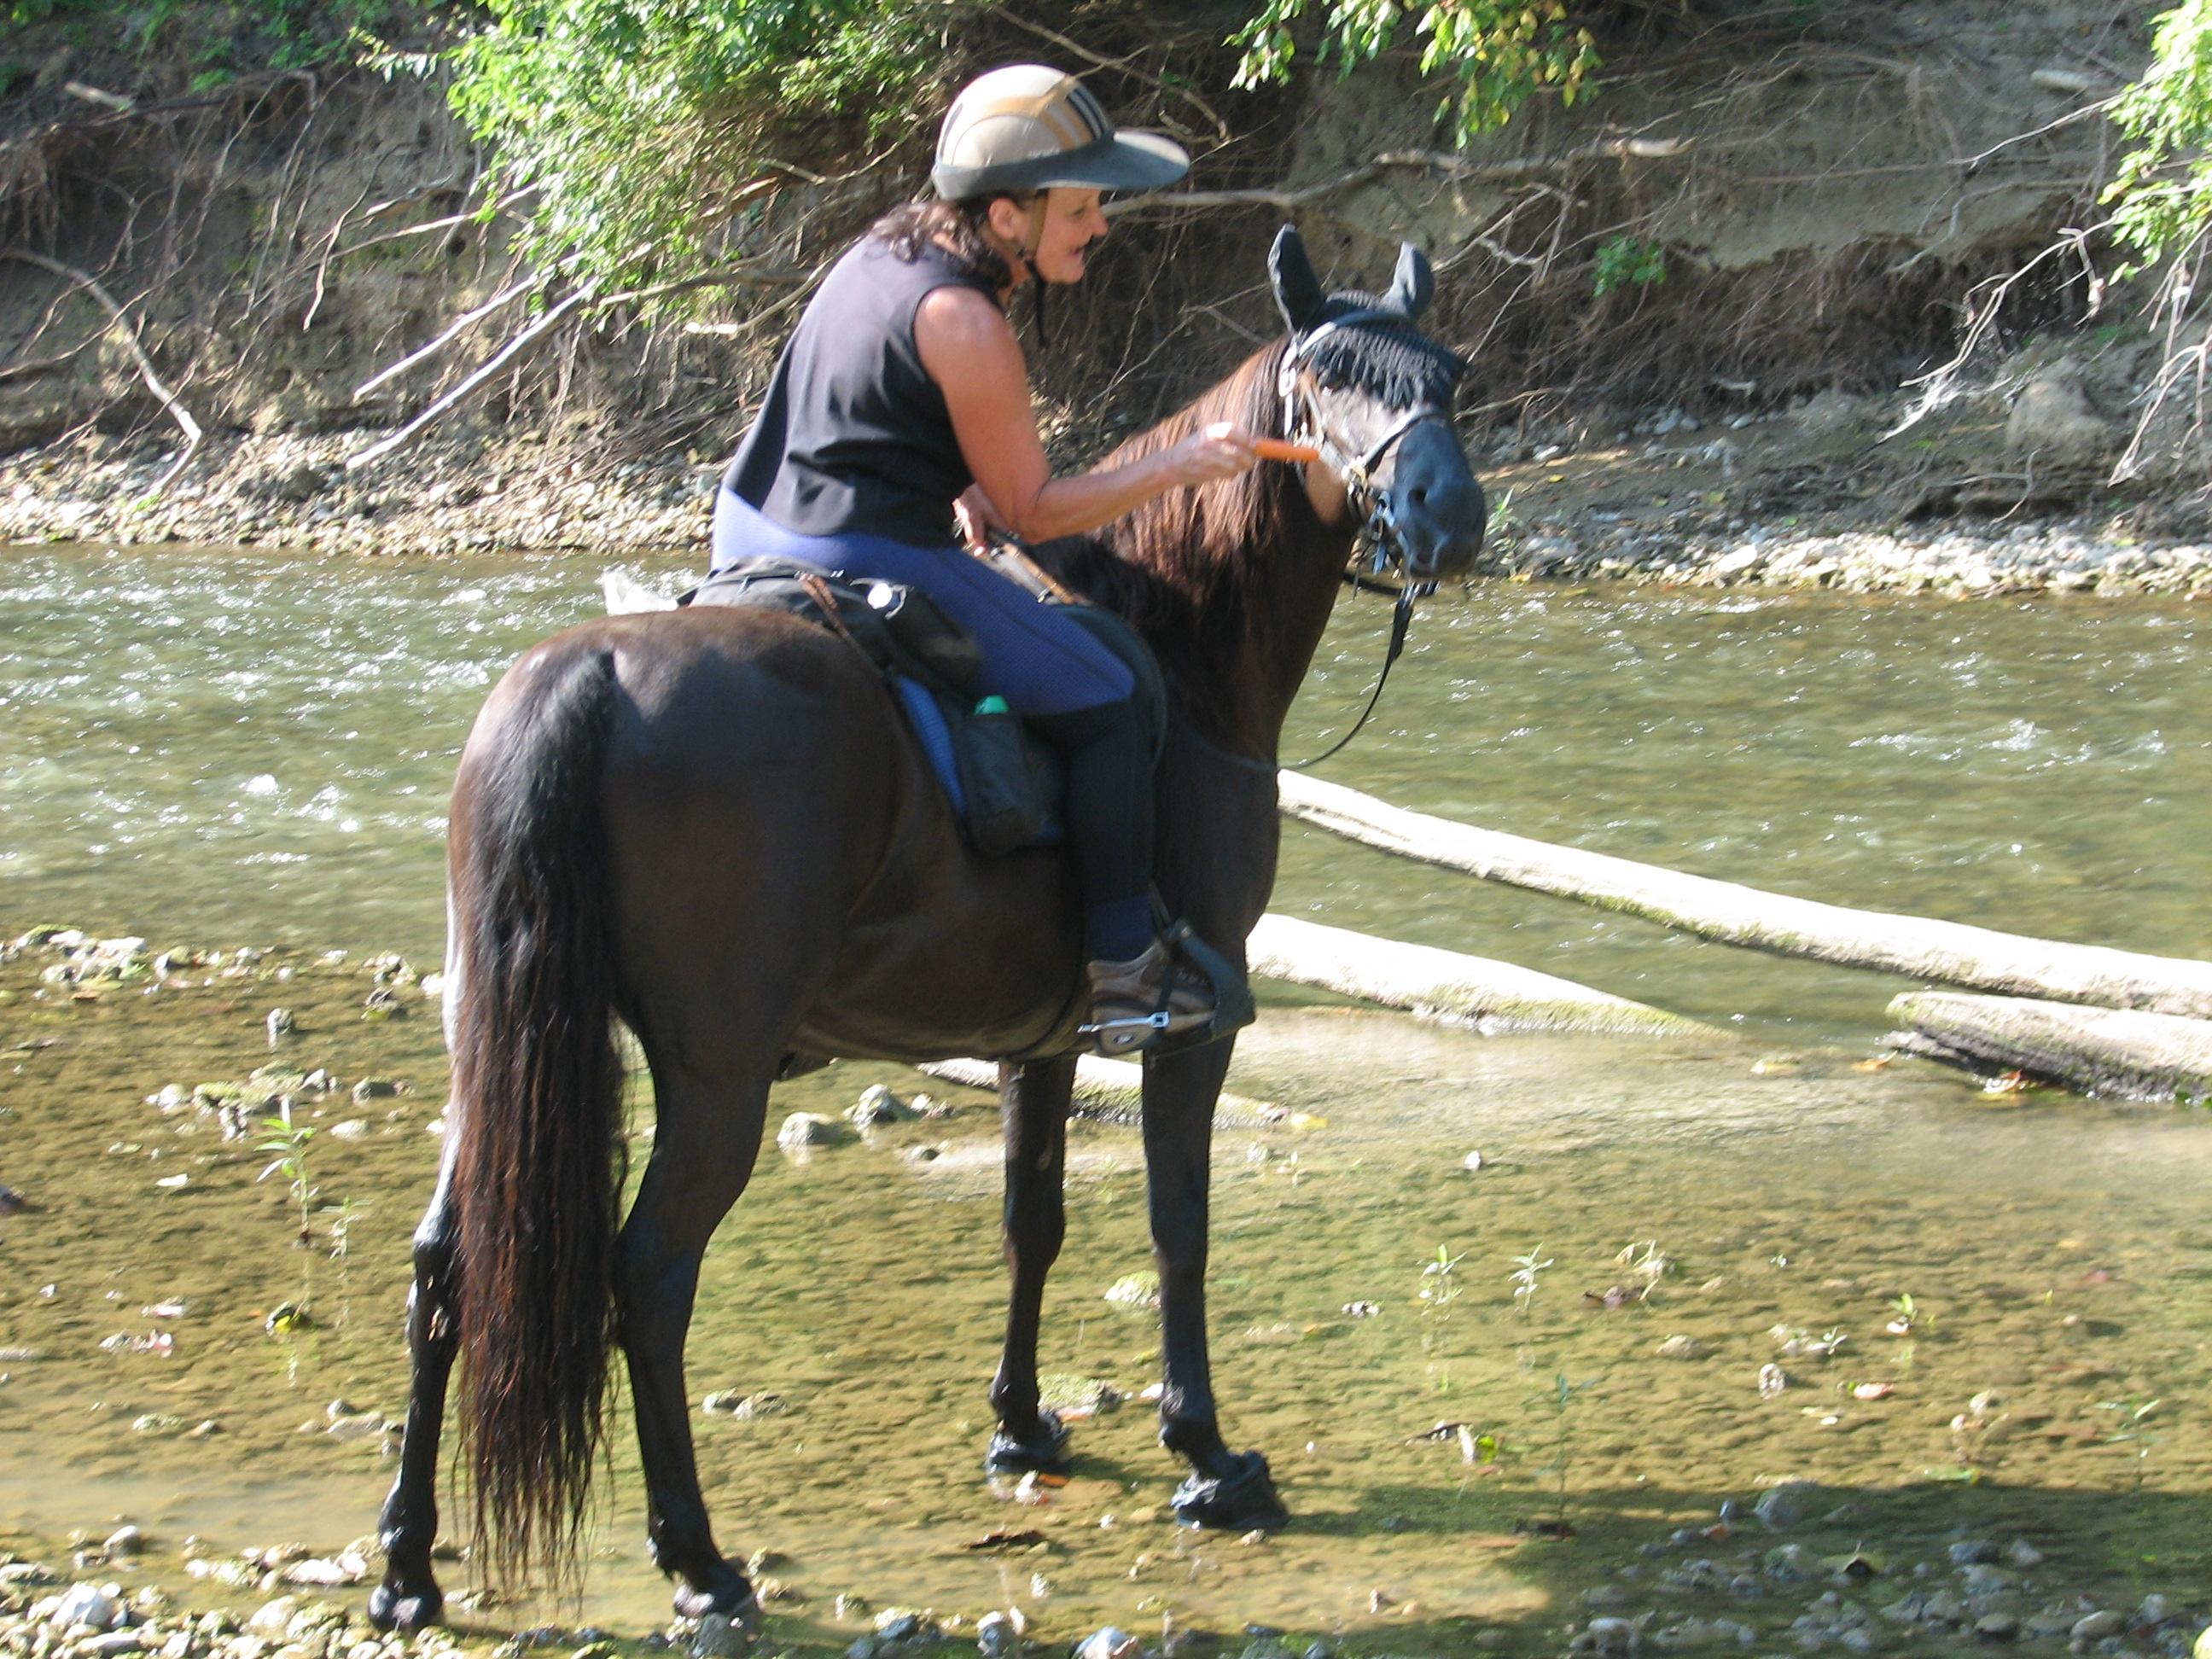 EASYCARE BOA HORSE HOOF BOOTS SIZE 0 HARDLY USED